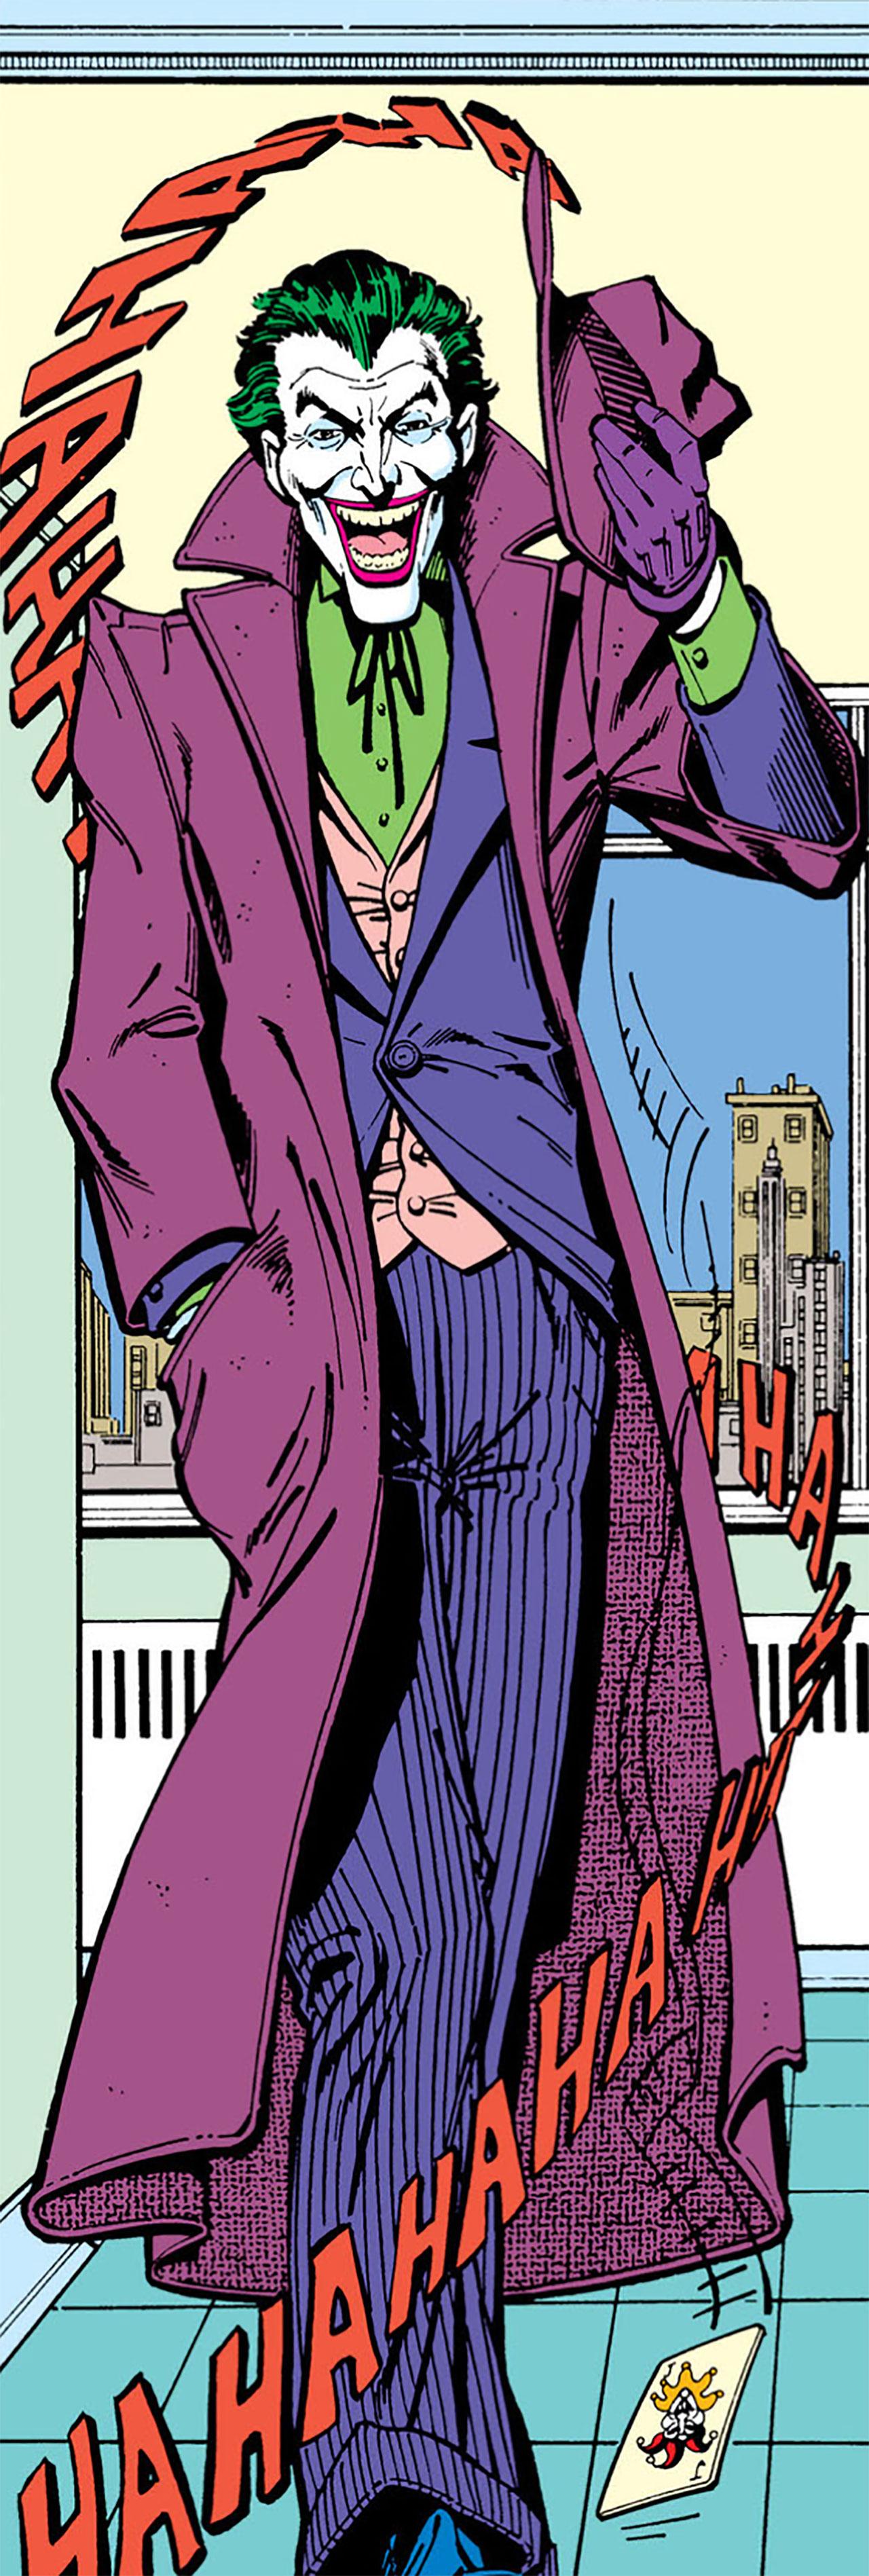 02_Scary-Glow-Ups---Joker-1.jpg